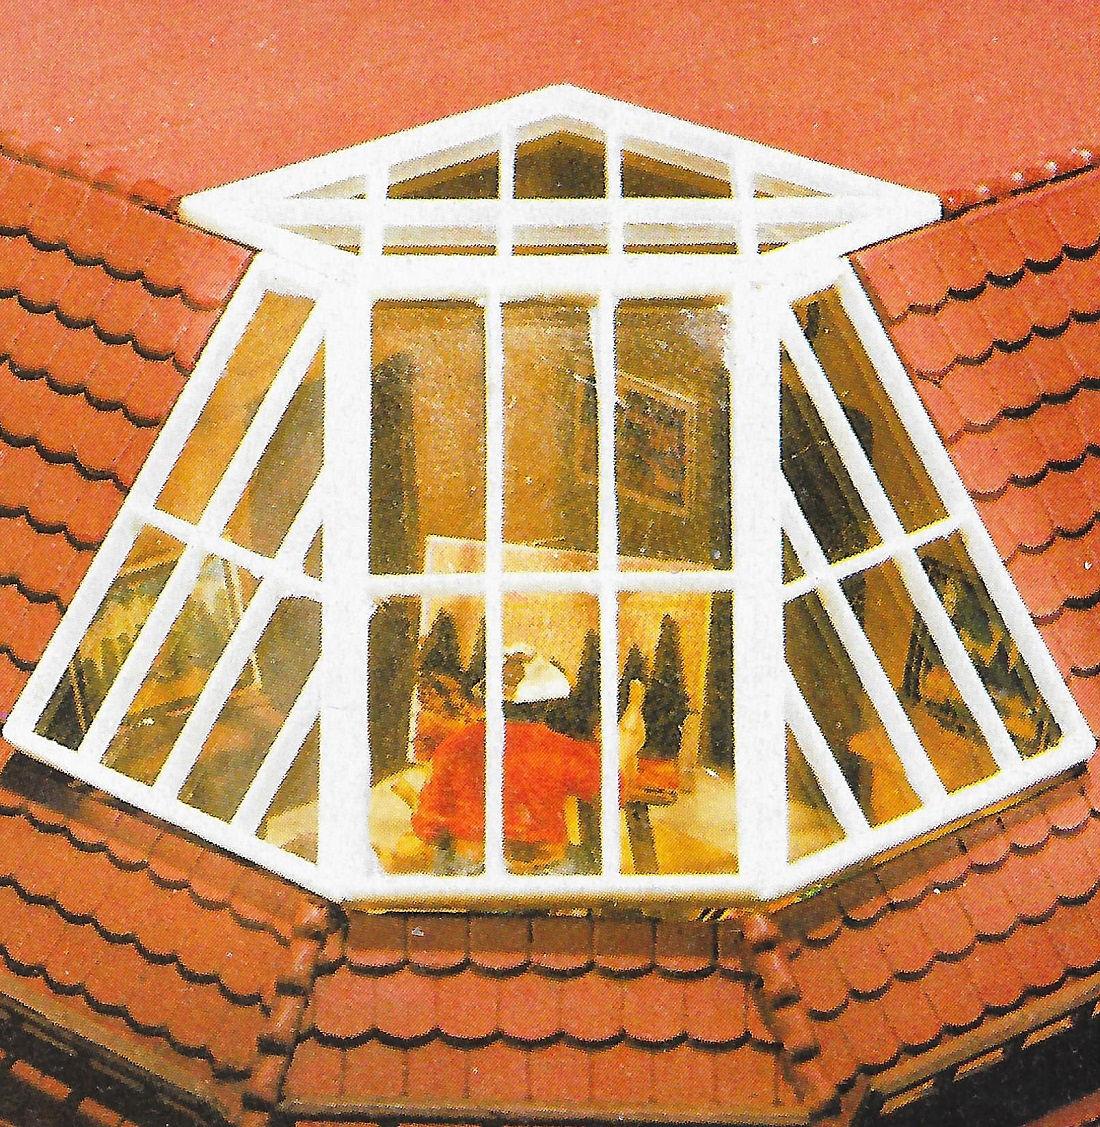 Vollmer-FutureLine, City-Eckhaus (Bild: Vollmer-Katalog 1987, privat)